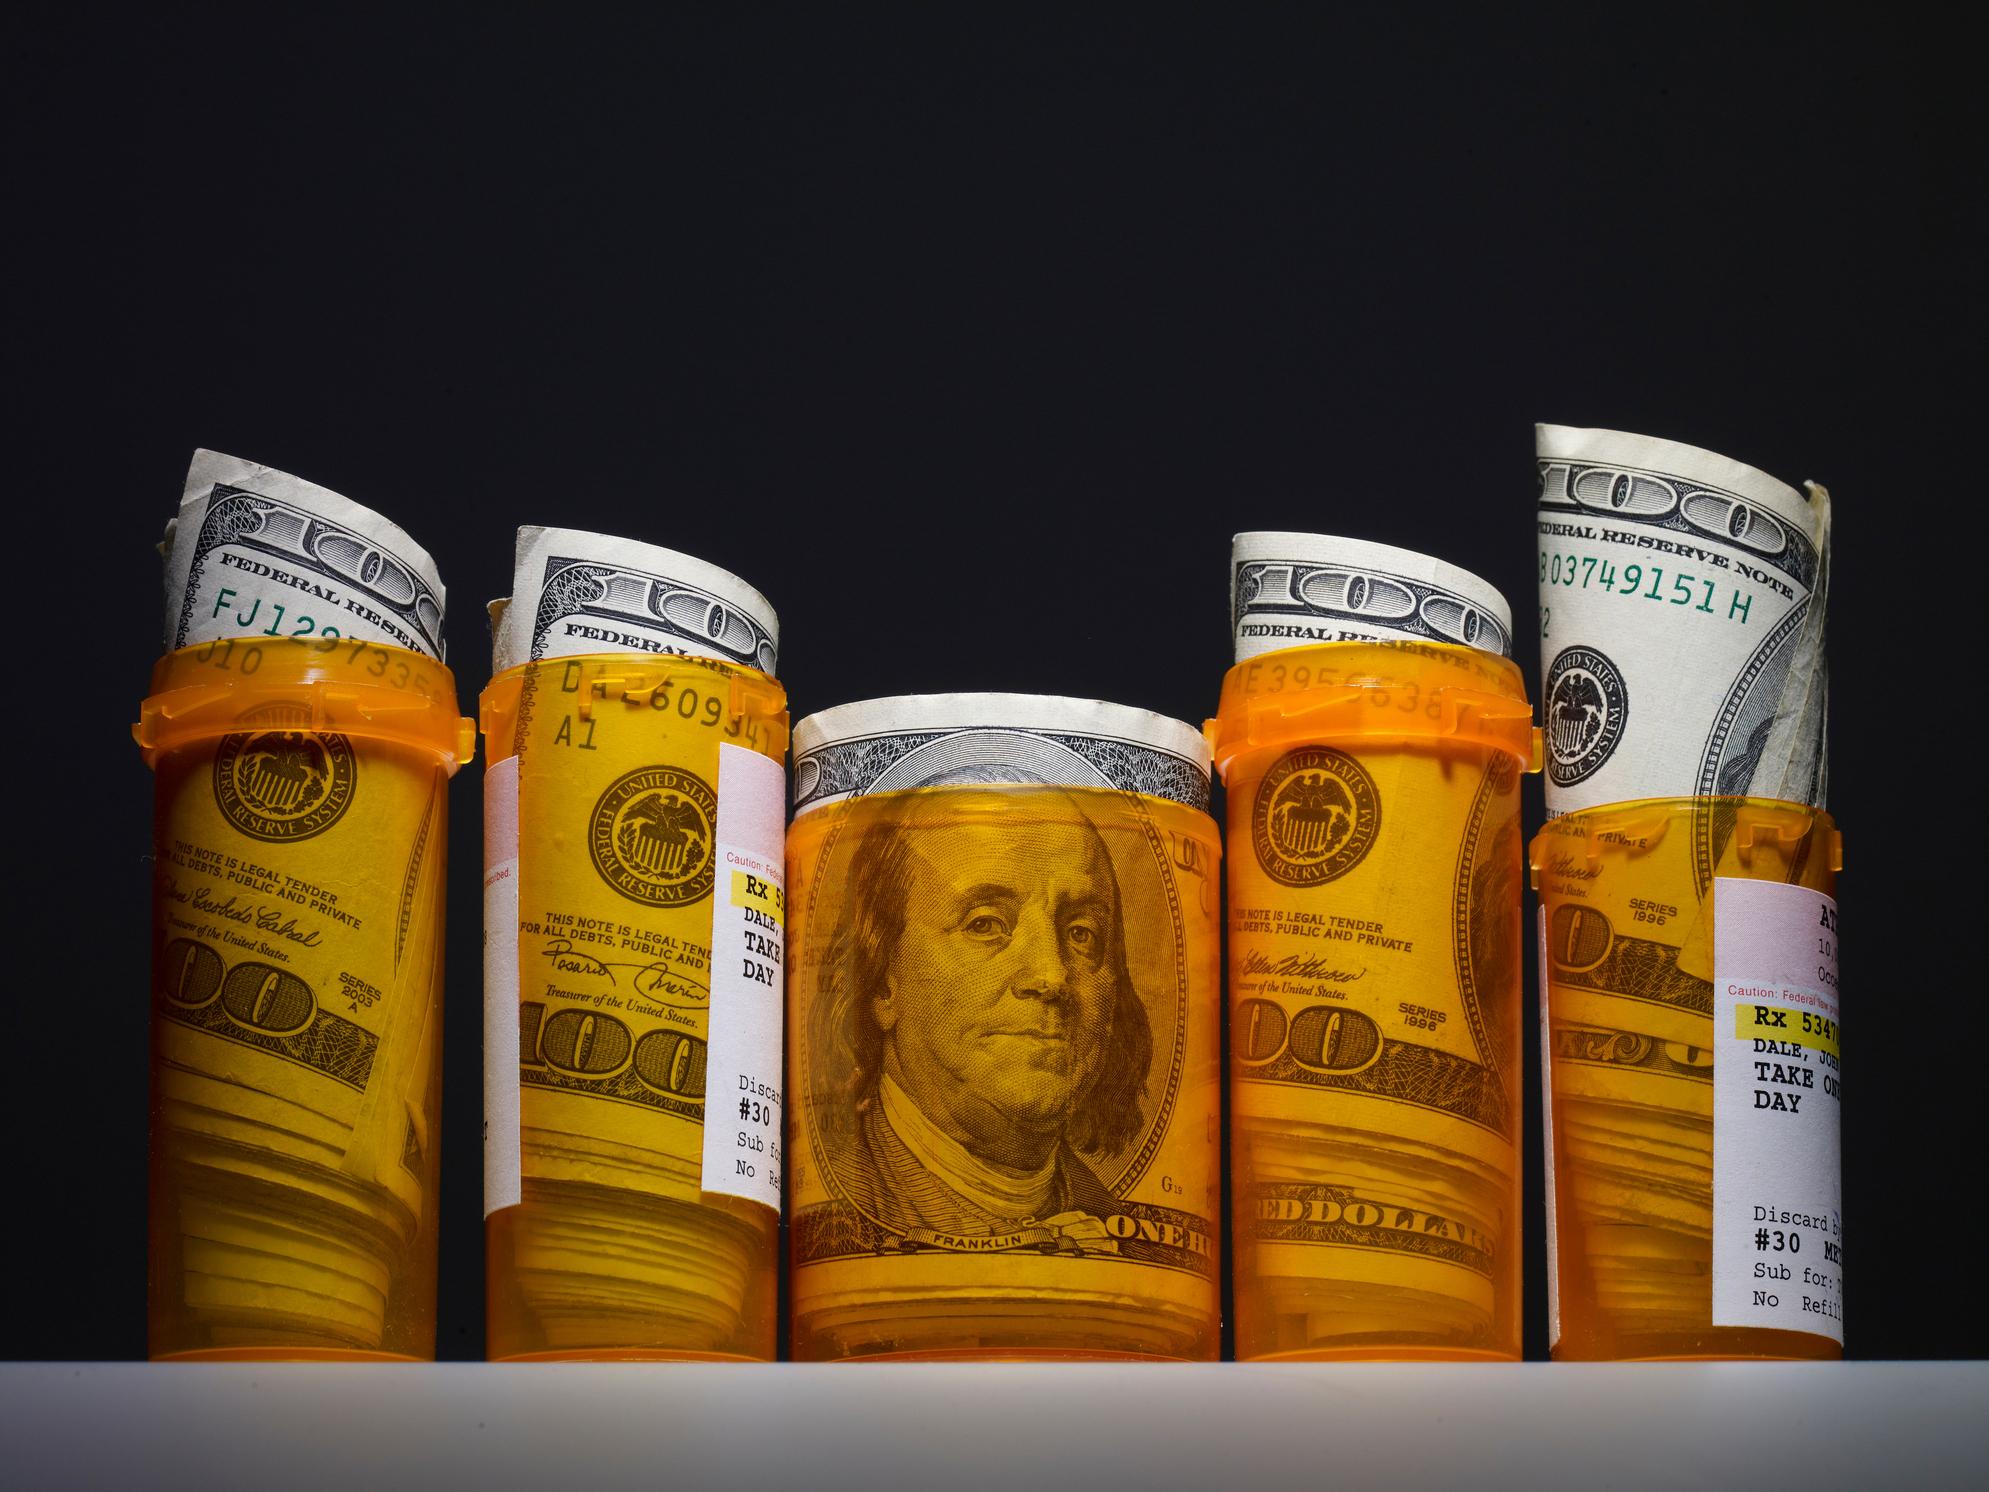 How U.S. Health Care Became Big Business